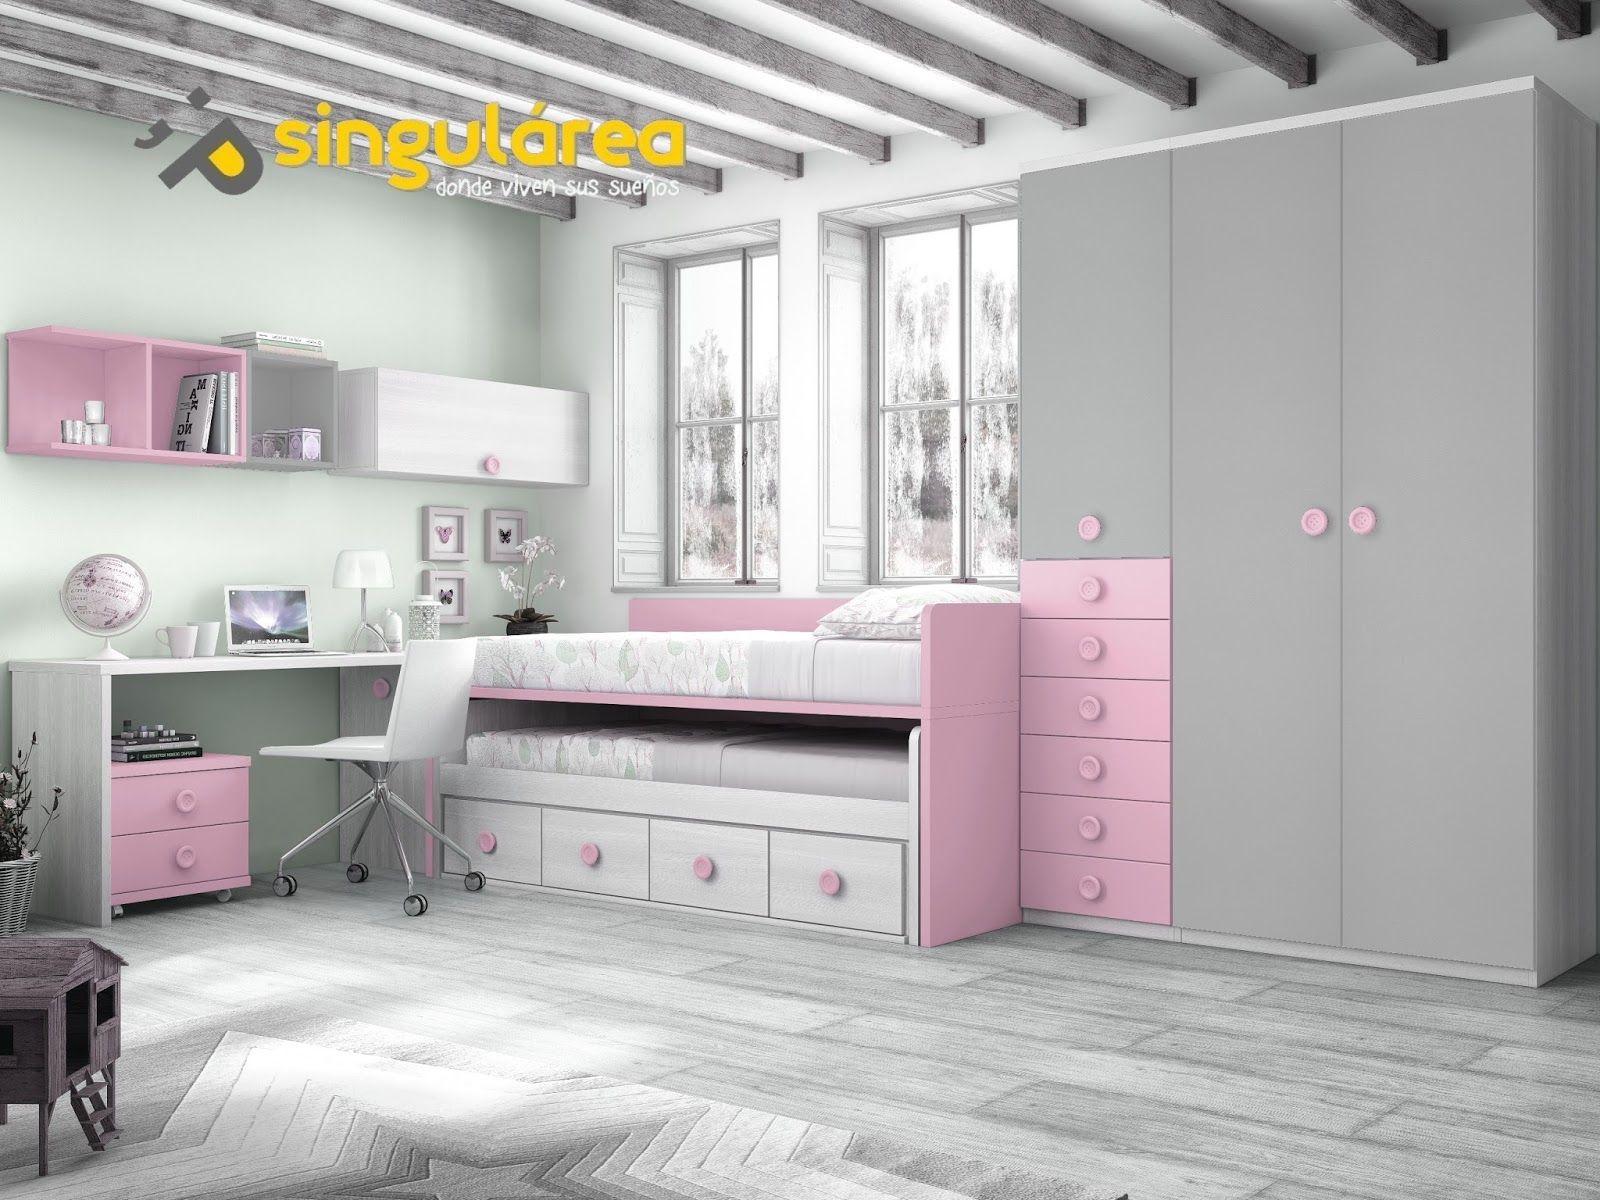 Dormitorio juvenil 605ct278 muebles dormitorios juveniles puerto sagunto valencia arq - Muebles dormitorio juvenil ...